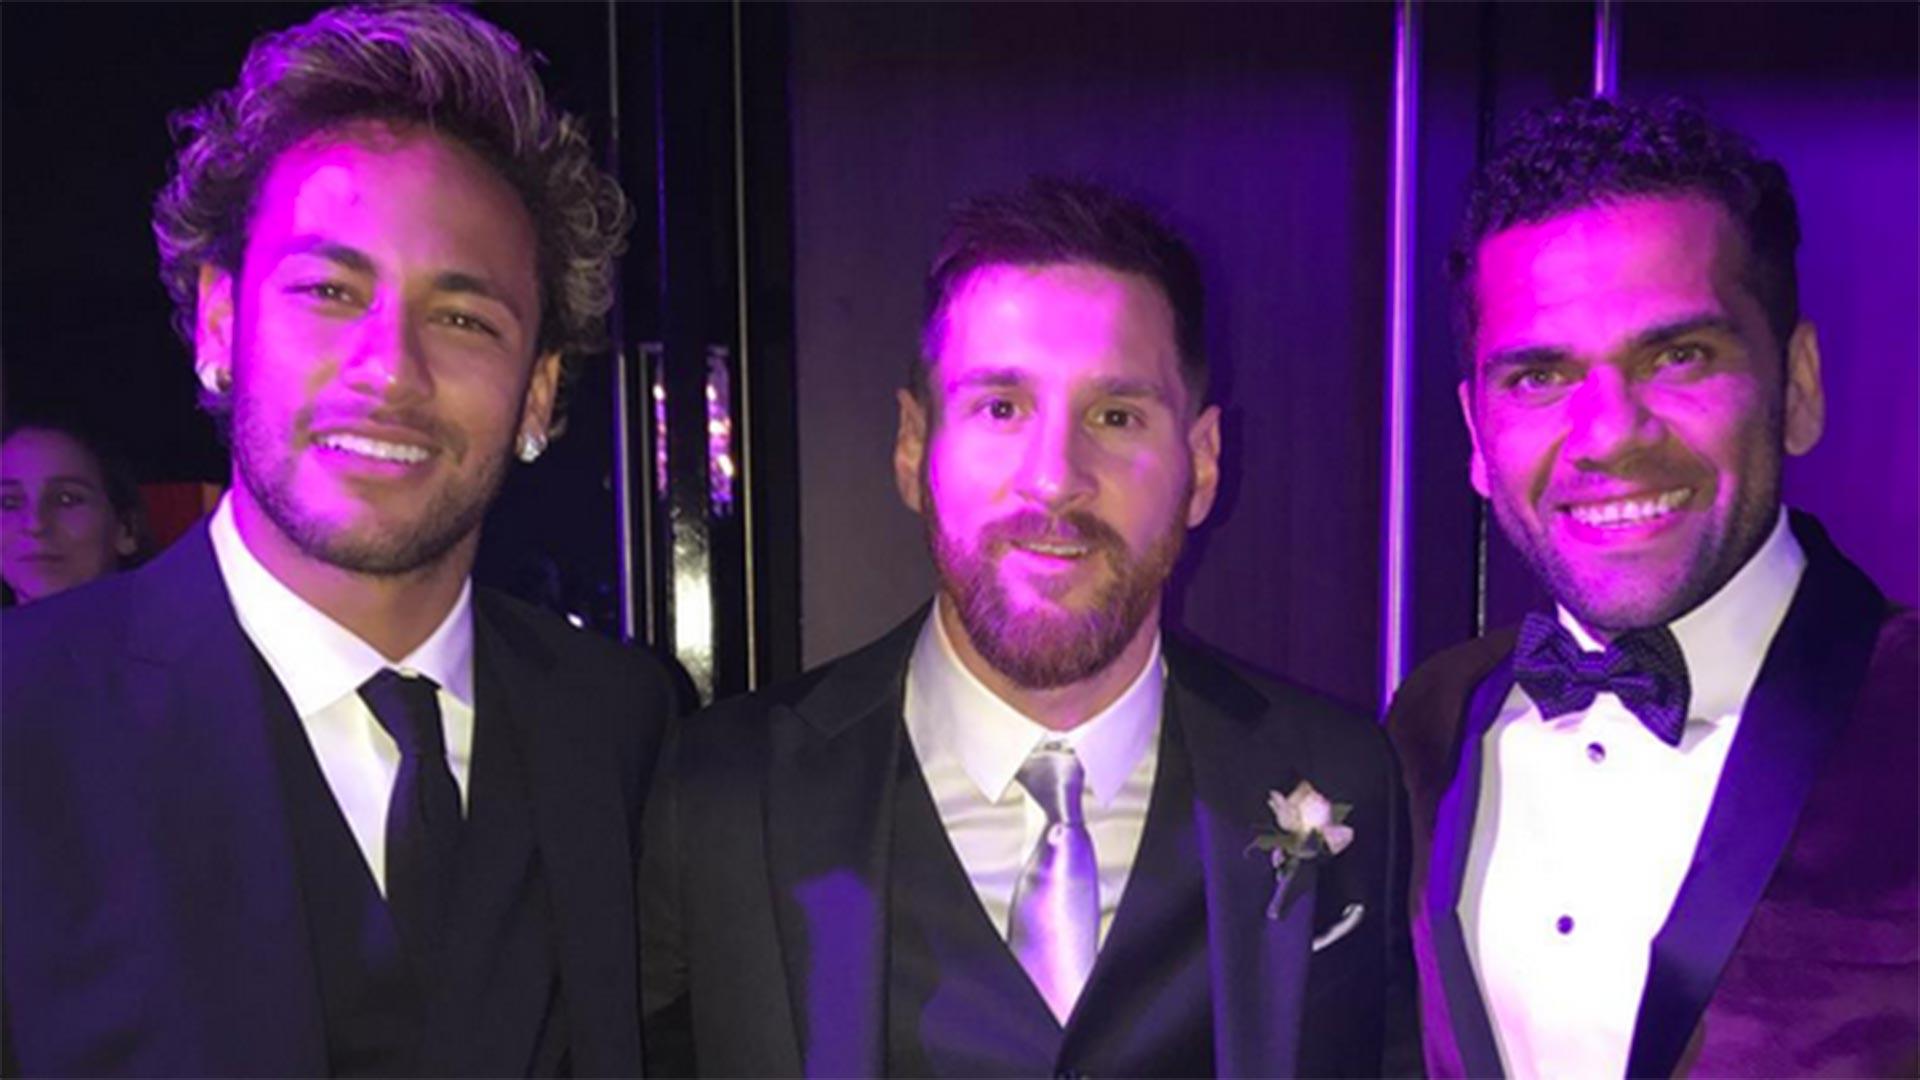 Neymar, la estrella brasileña que llegó al casamiento a minutos del inicio, sonríe junto a Lionel Messi y su compatriota Dani Alves